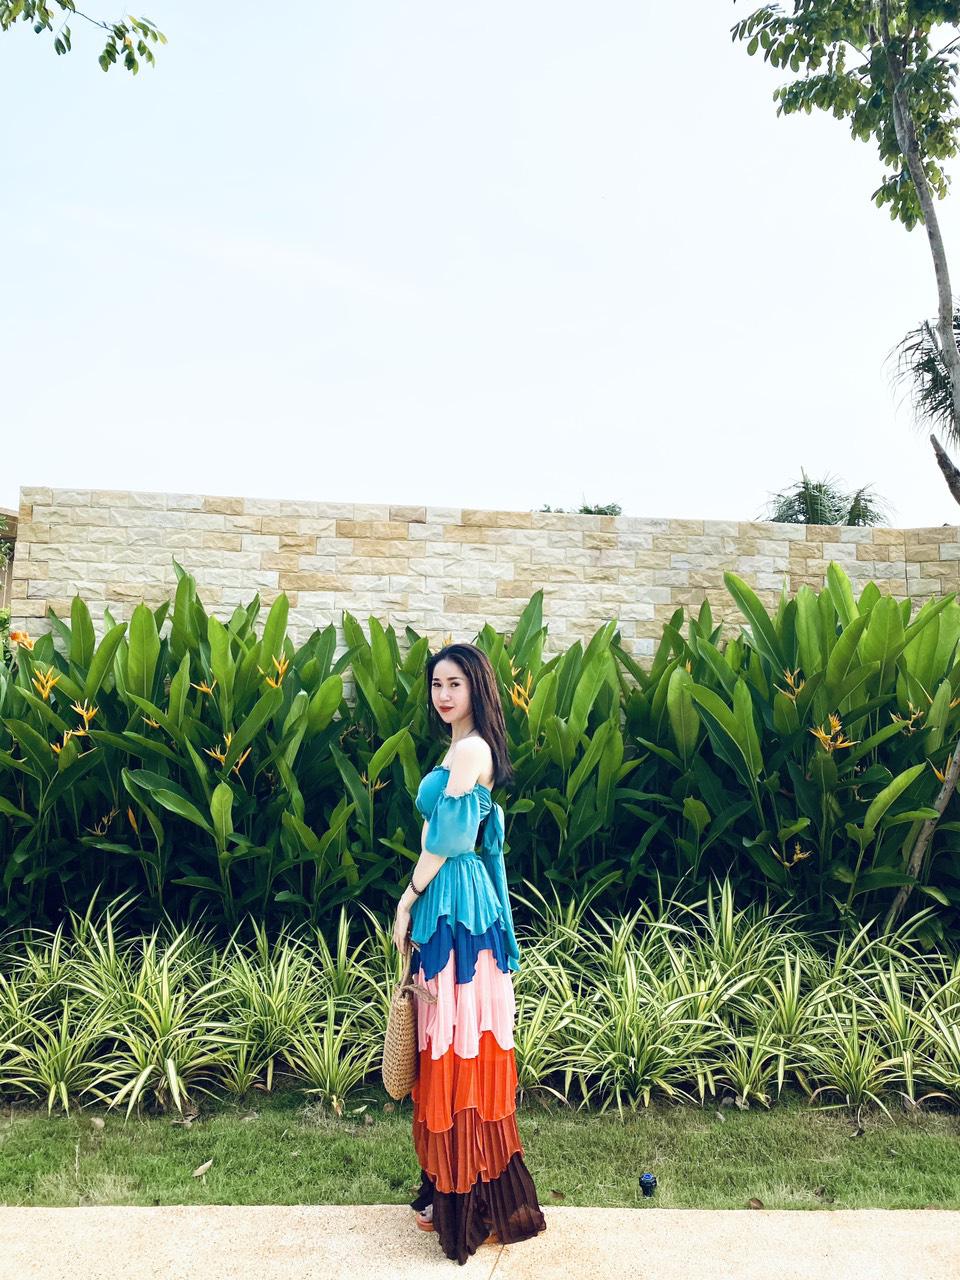 Huyền Mỹ Shop - Thổi làn gió mới vào thị trường thời trang Việt - Ảnh 5.